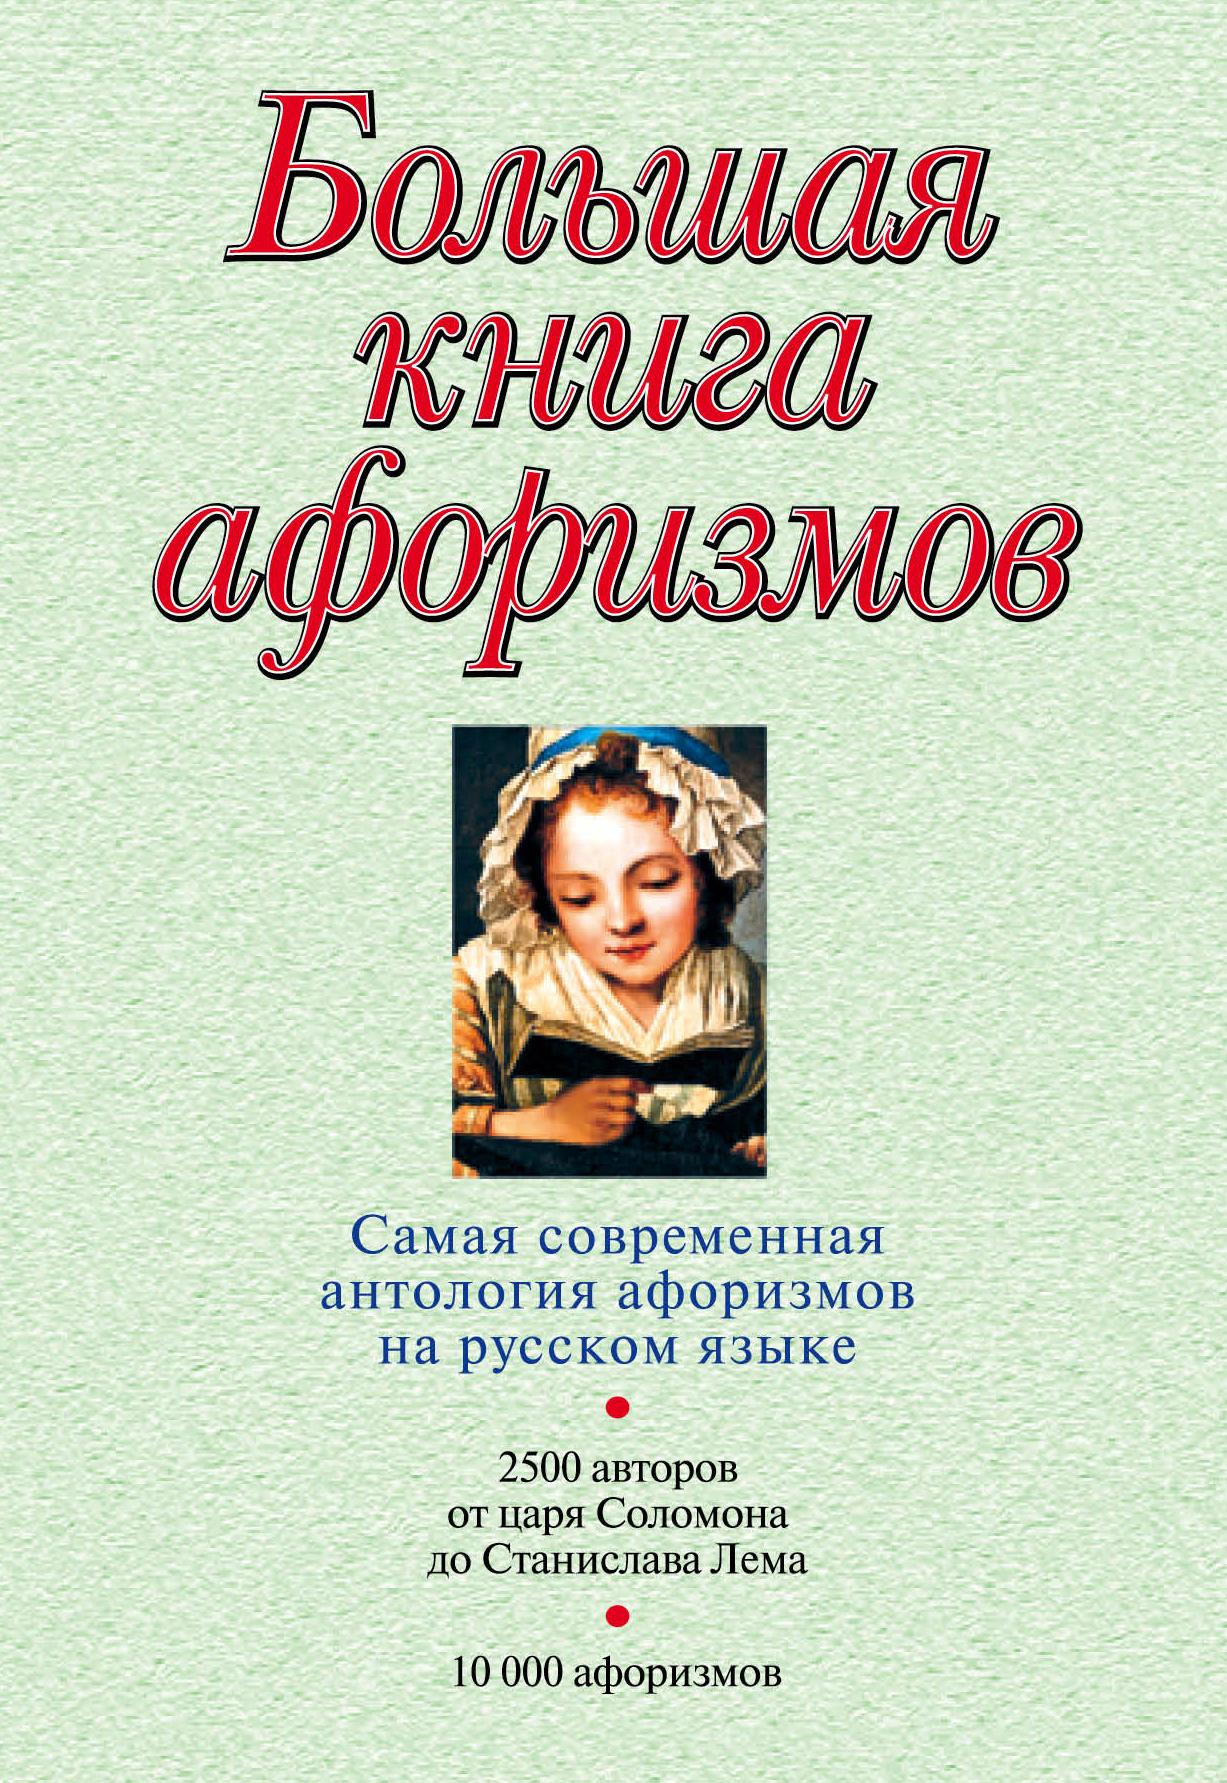 Купить Большая книга афоризмов, Константин Душенко, 978-5-699-33113-0, 978-5-699-54972-6